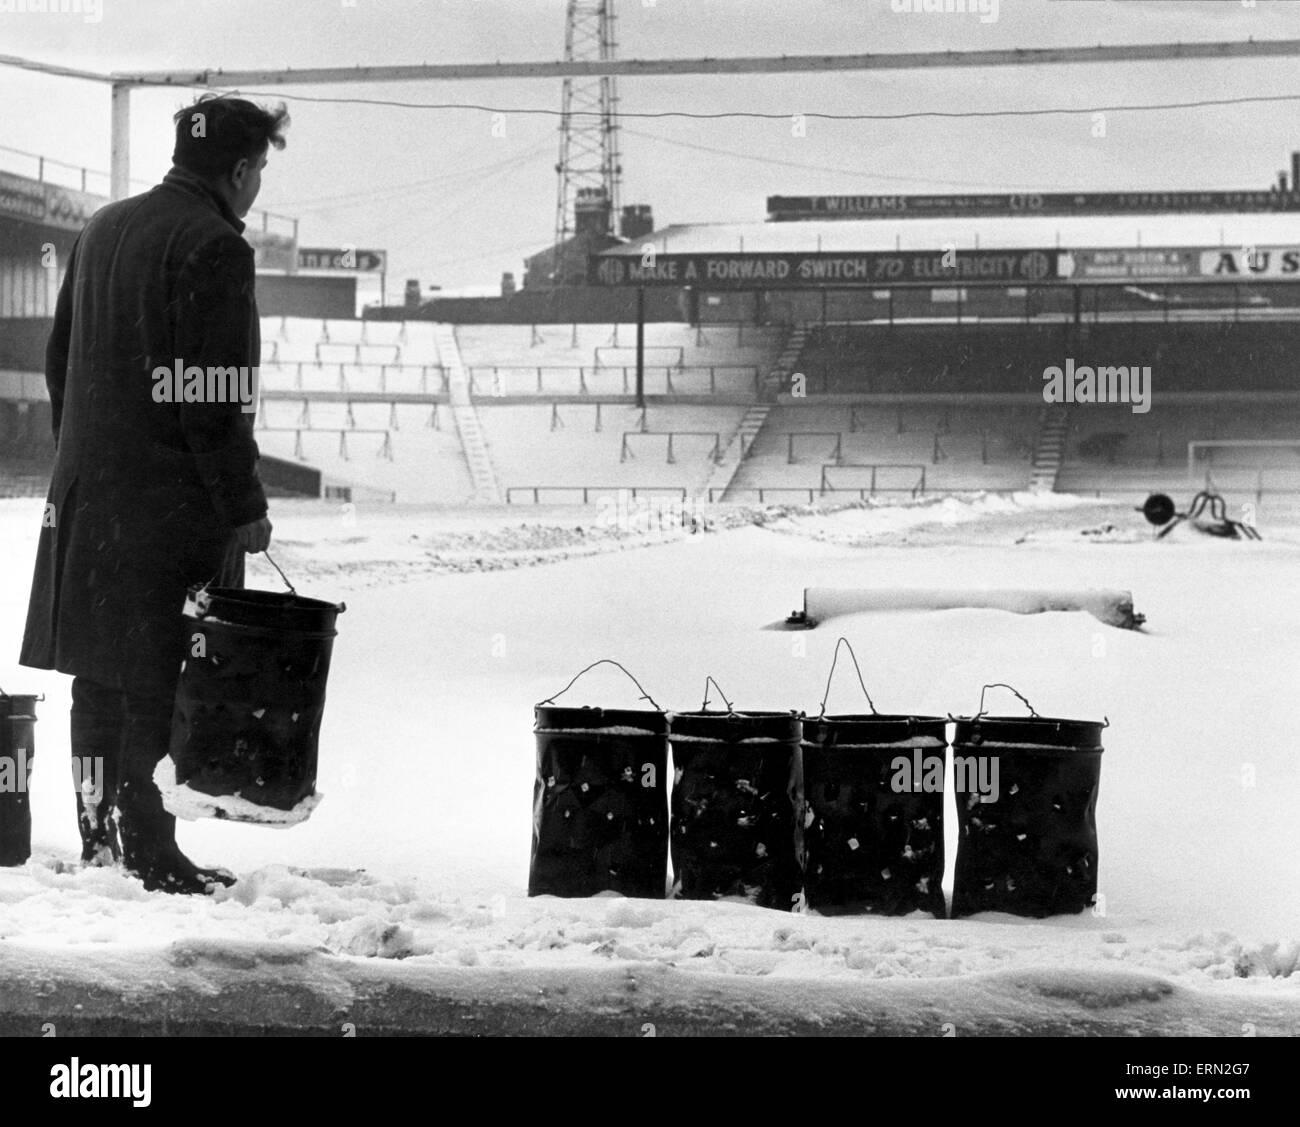 Birmingham City terrain St Andrews pitch couvertes de neige, janvier 1963. Banque D'Images